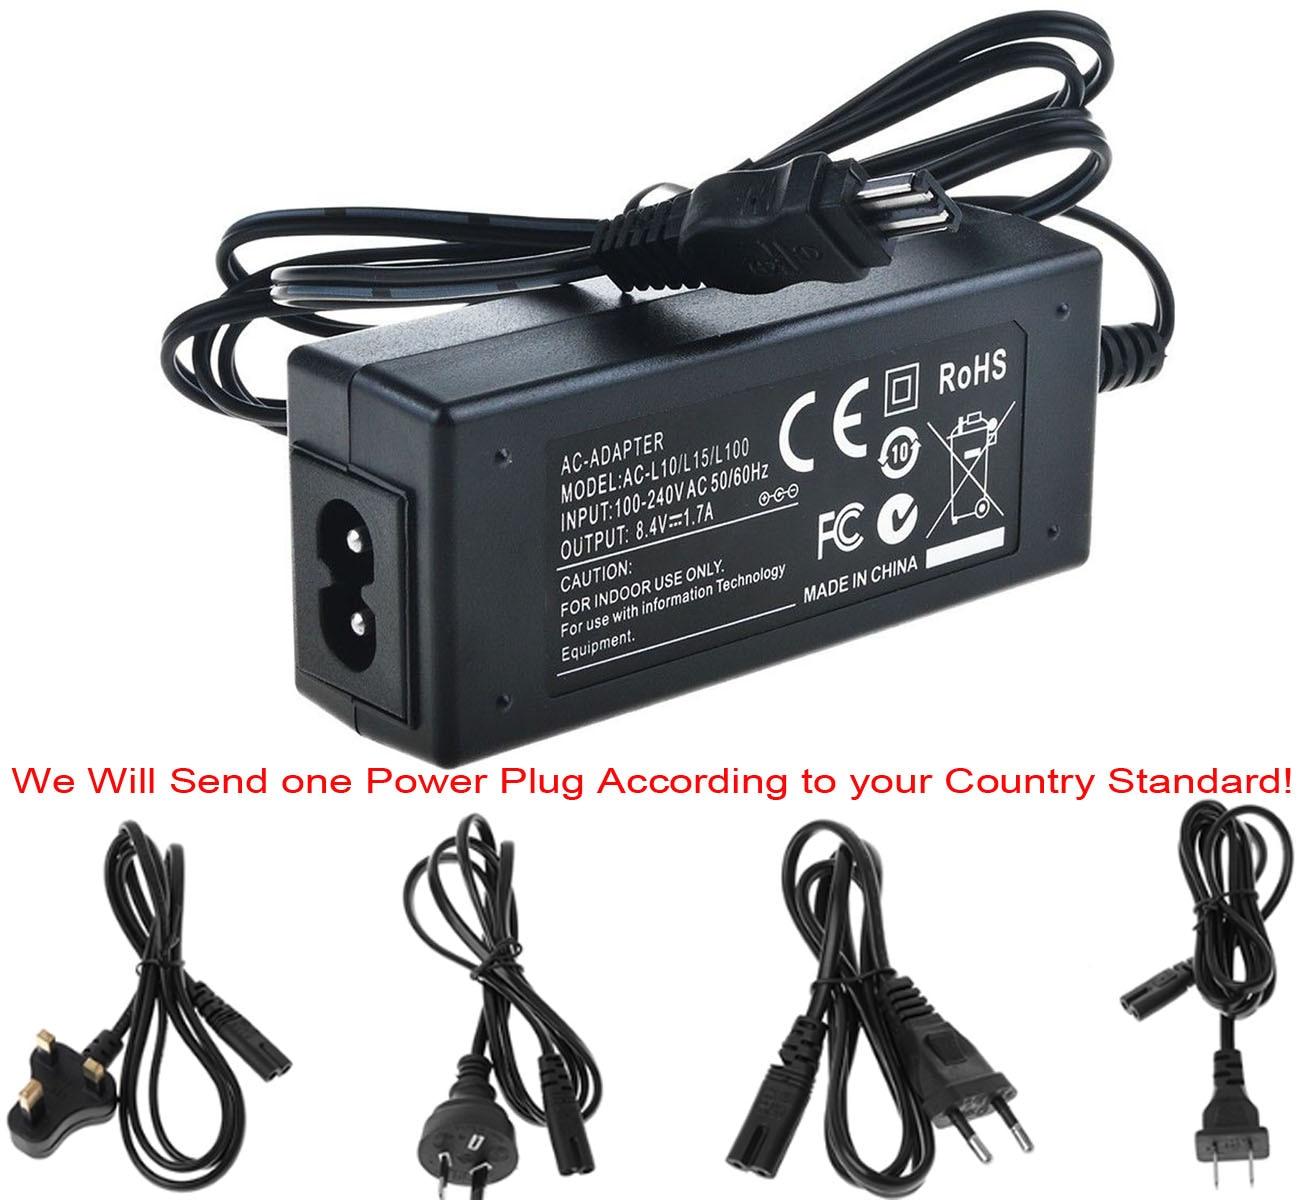 AC cargador/adaptador de corriente para Sony HXR-MC1500... HXR-MC1500P... HXR-MC1500E... HXR-MC2000... HXR-MC2500... HXR-MC2500E...